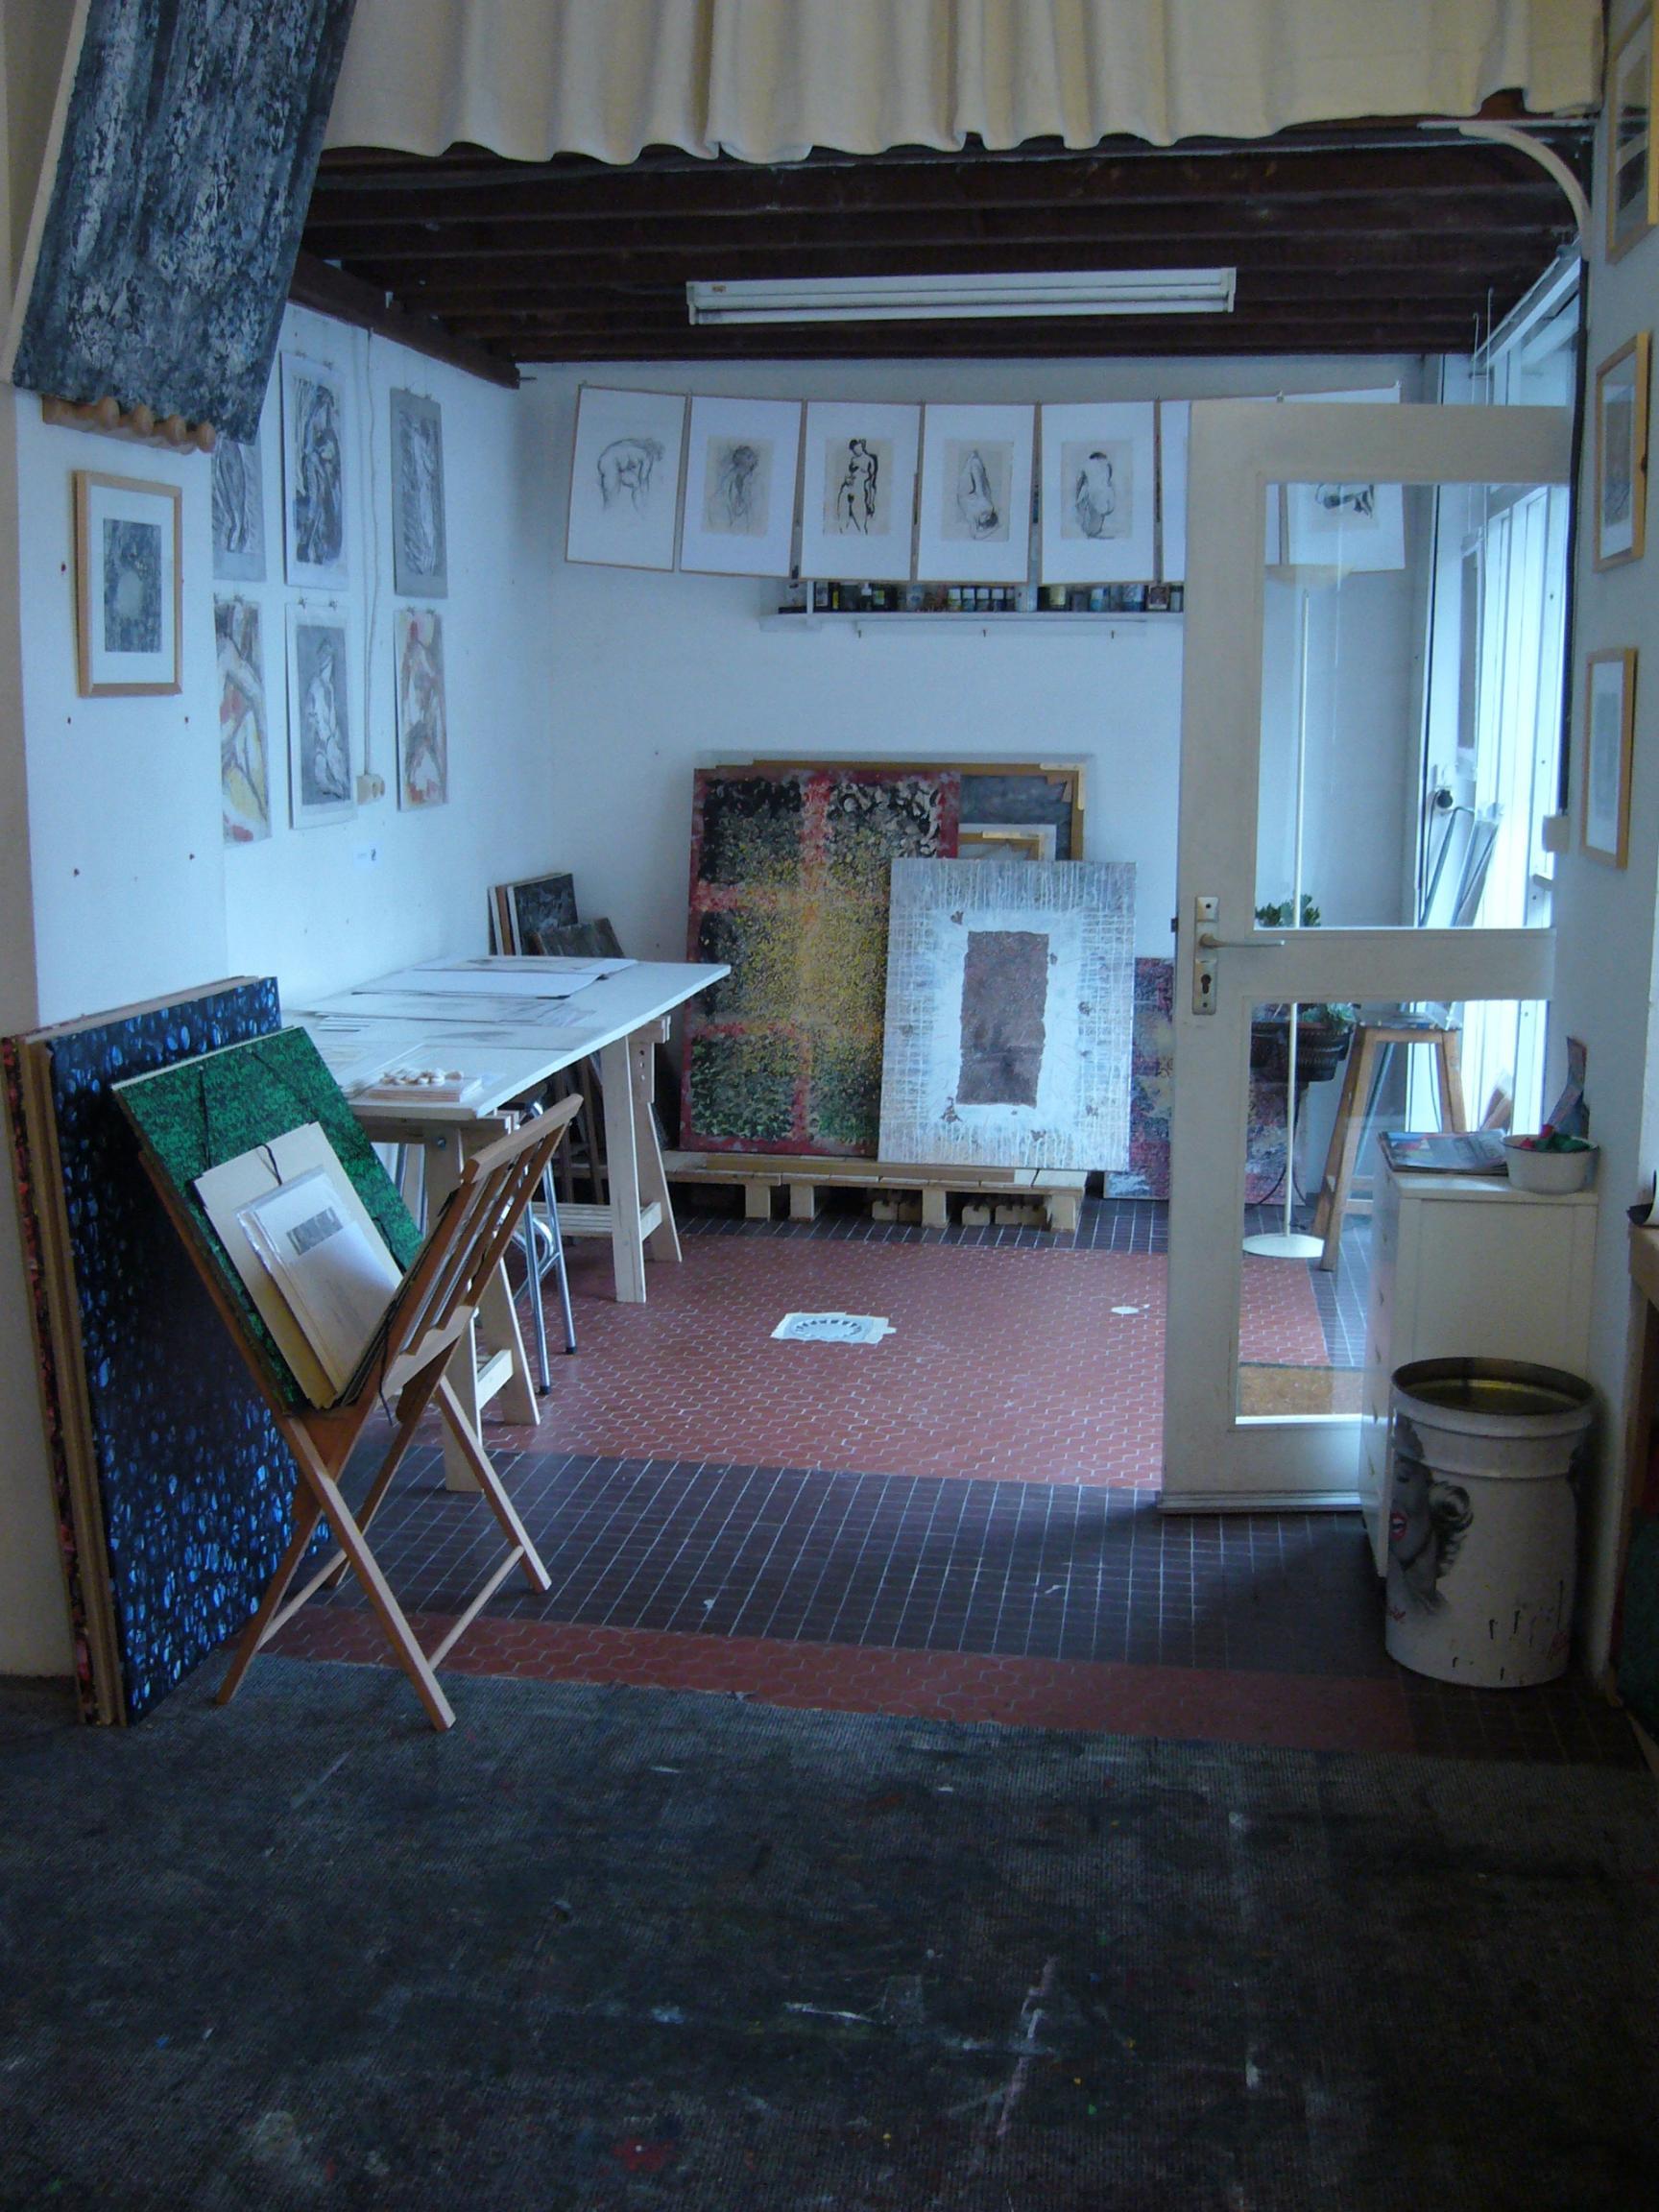 Actualit� de Sophie Casalis Peintre- Illustratrice Portes ouvertes Ateliers Montreuil